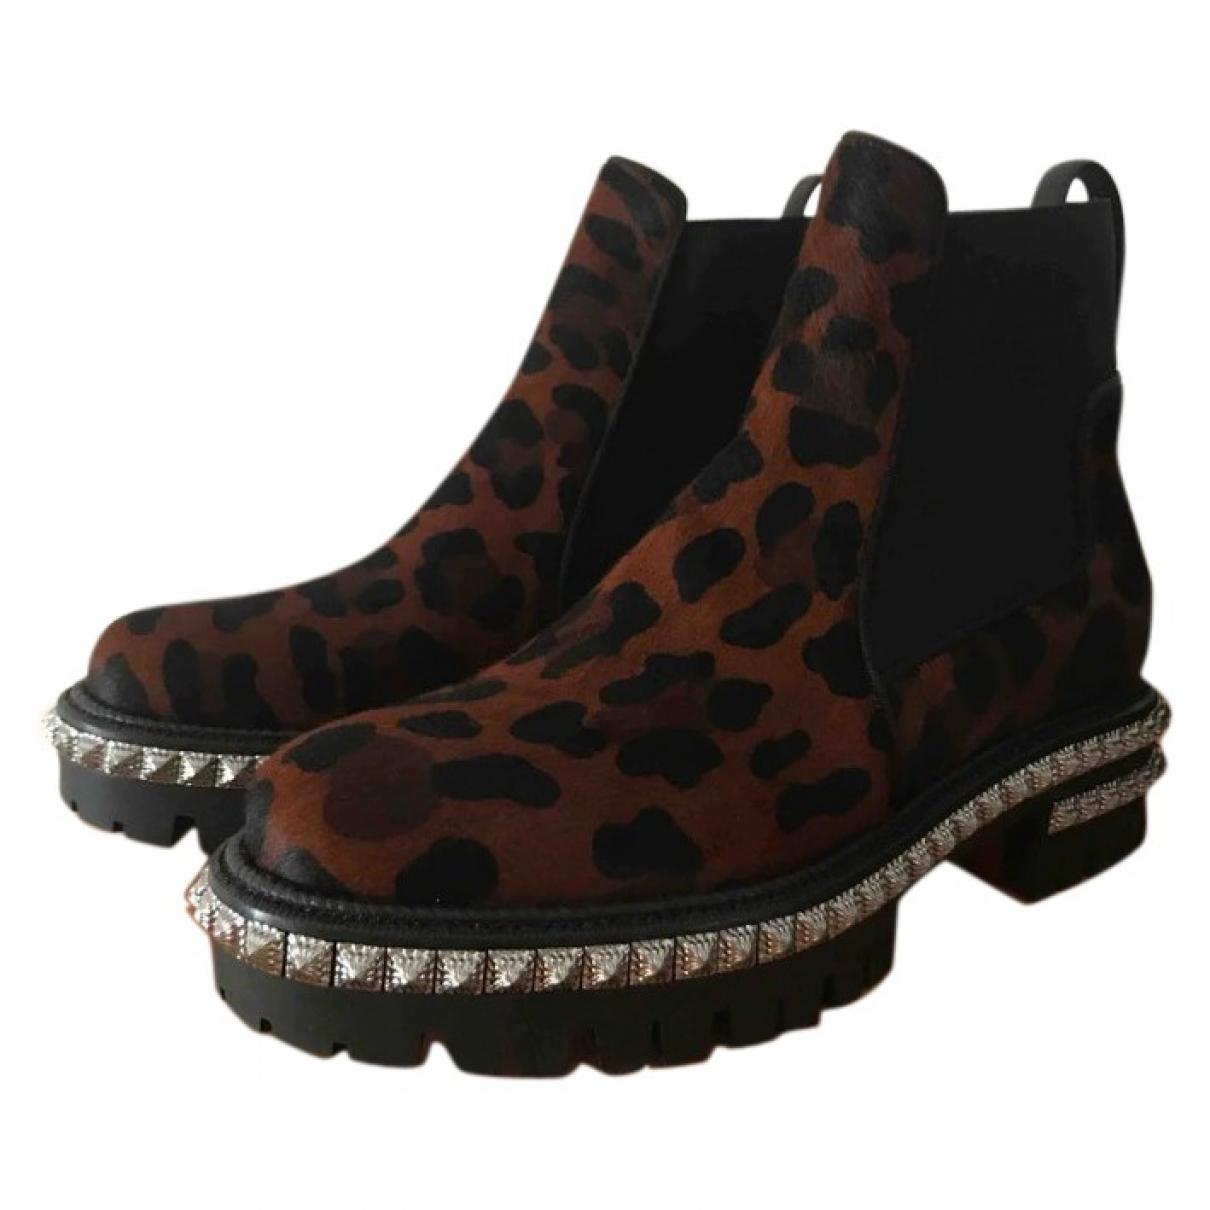 Christian Louboutin - Boots   pour femme en veau facon poulain - marron